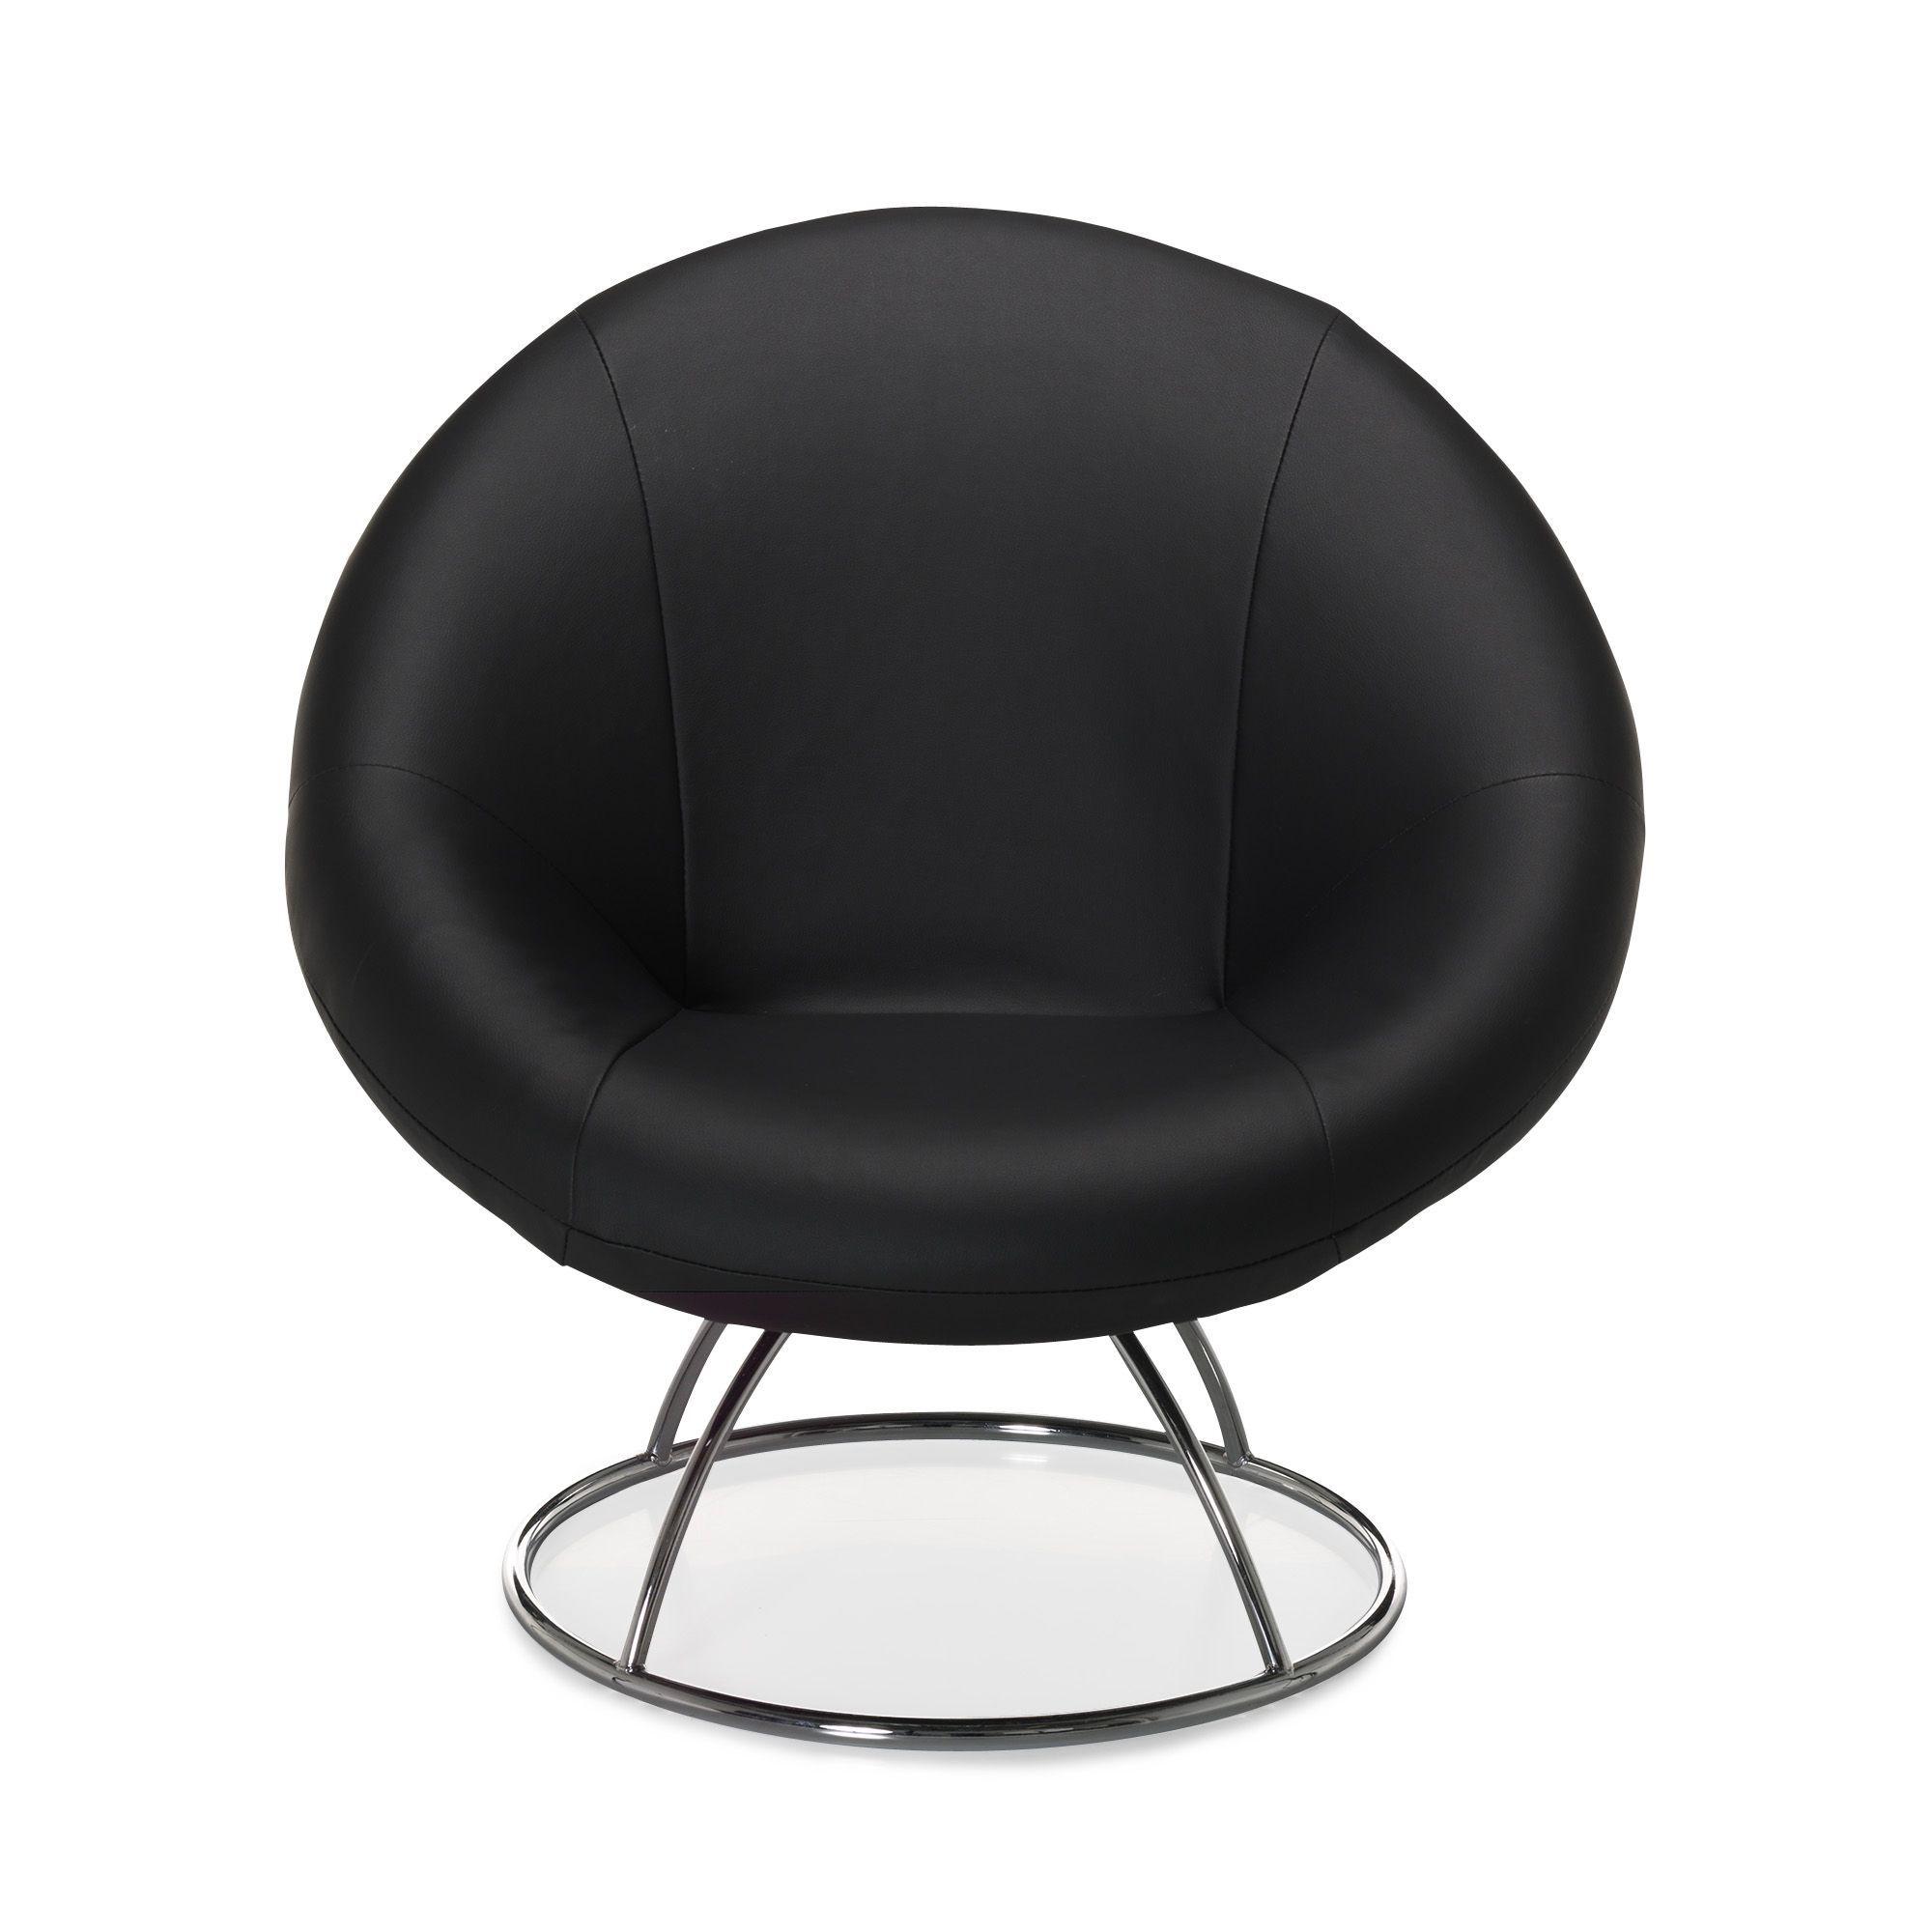 Fauteuil Noir Forme Design Noir Elipse Les Fauteuils Fauteuils Et Poufs Canapes Et Faut Mobilier De Salon Fauteuil Noir Decoration Interieure